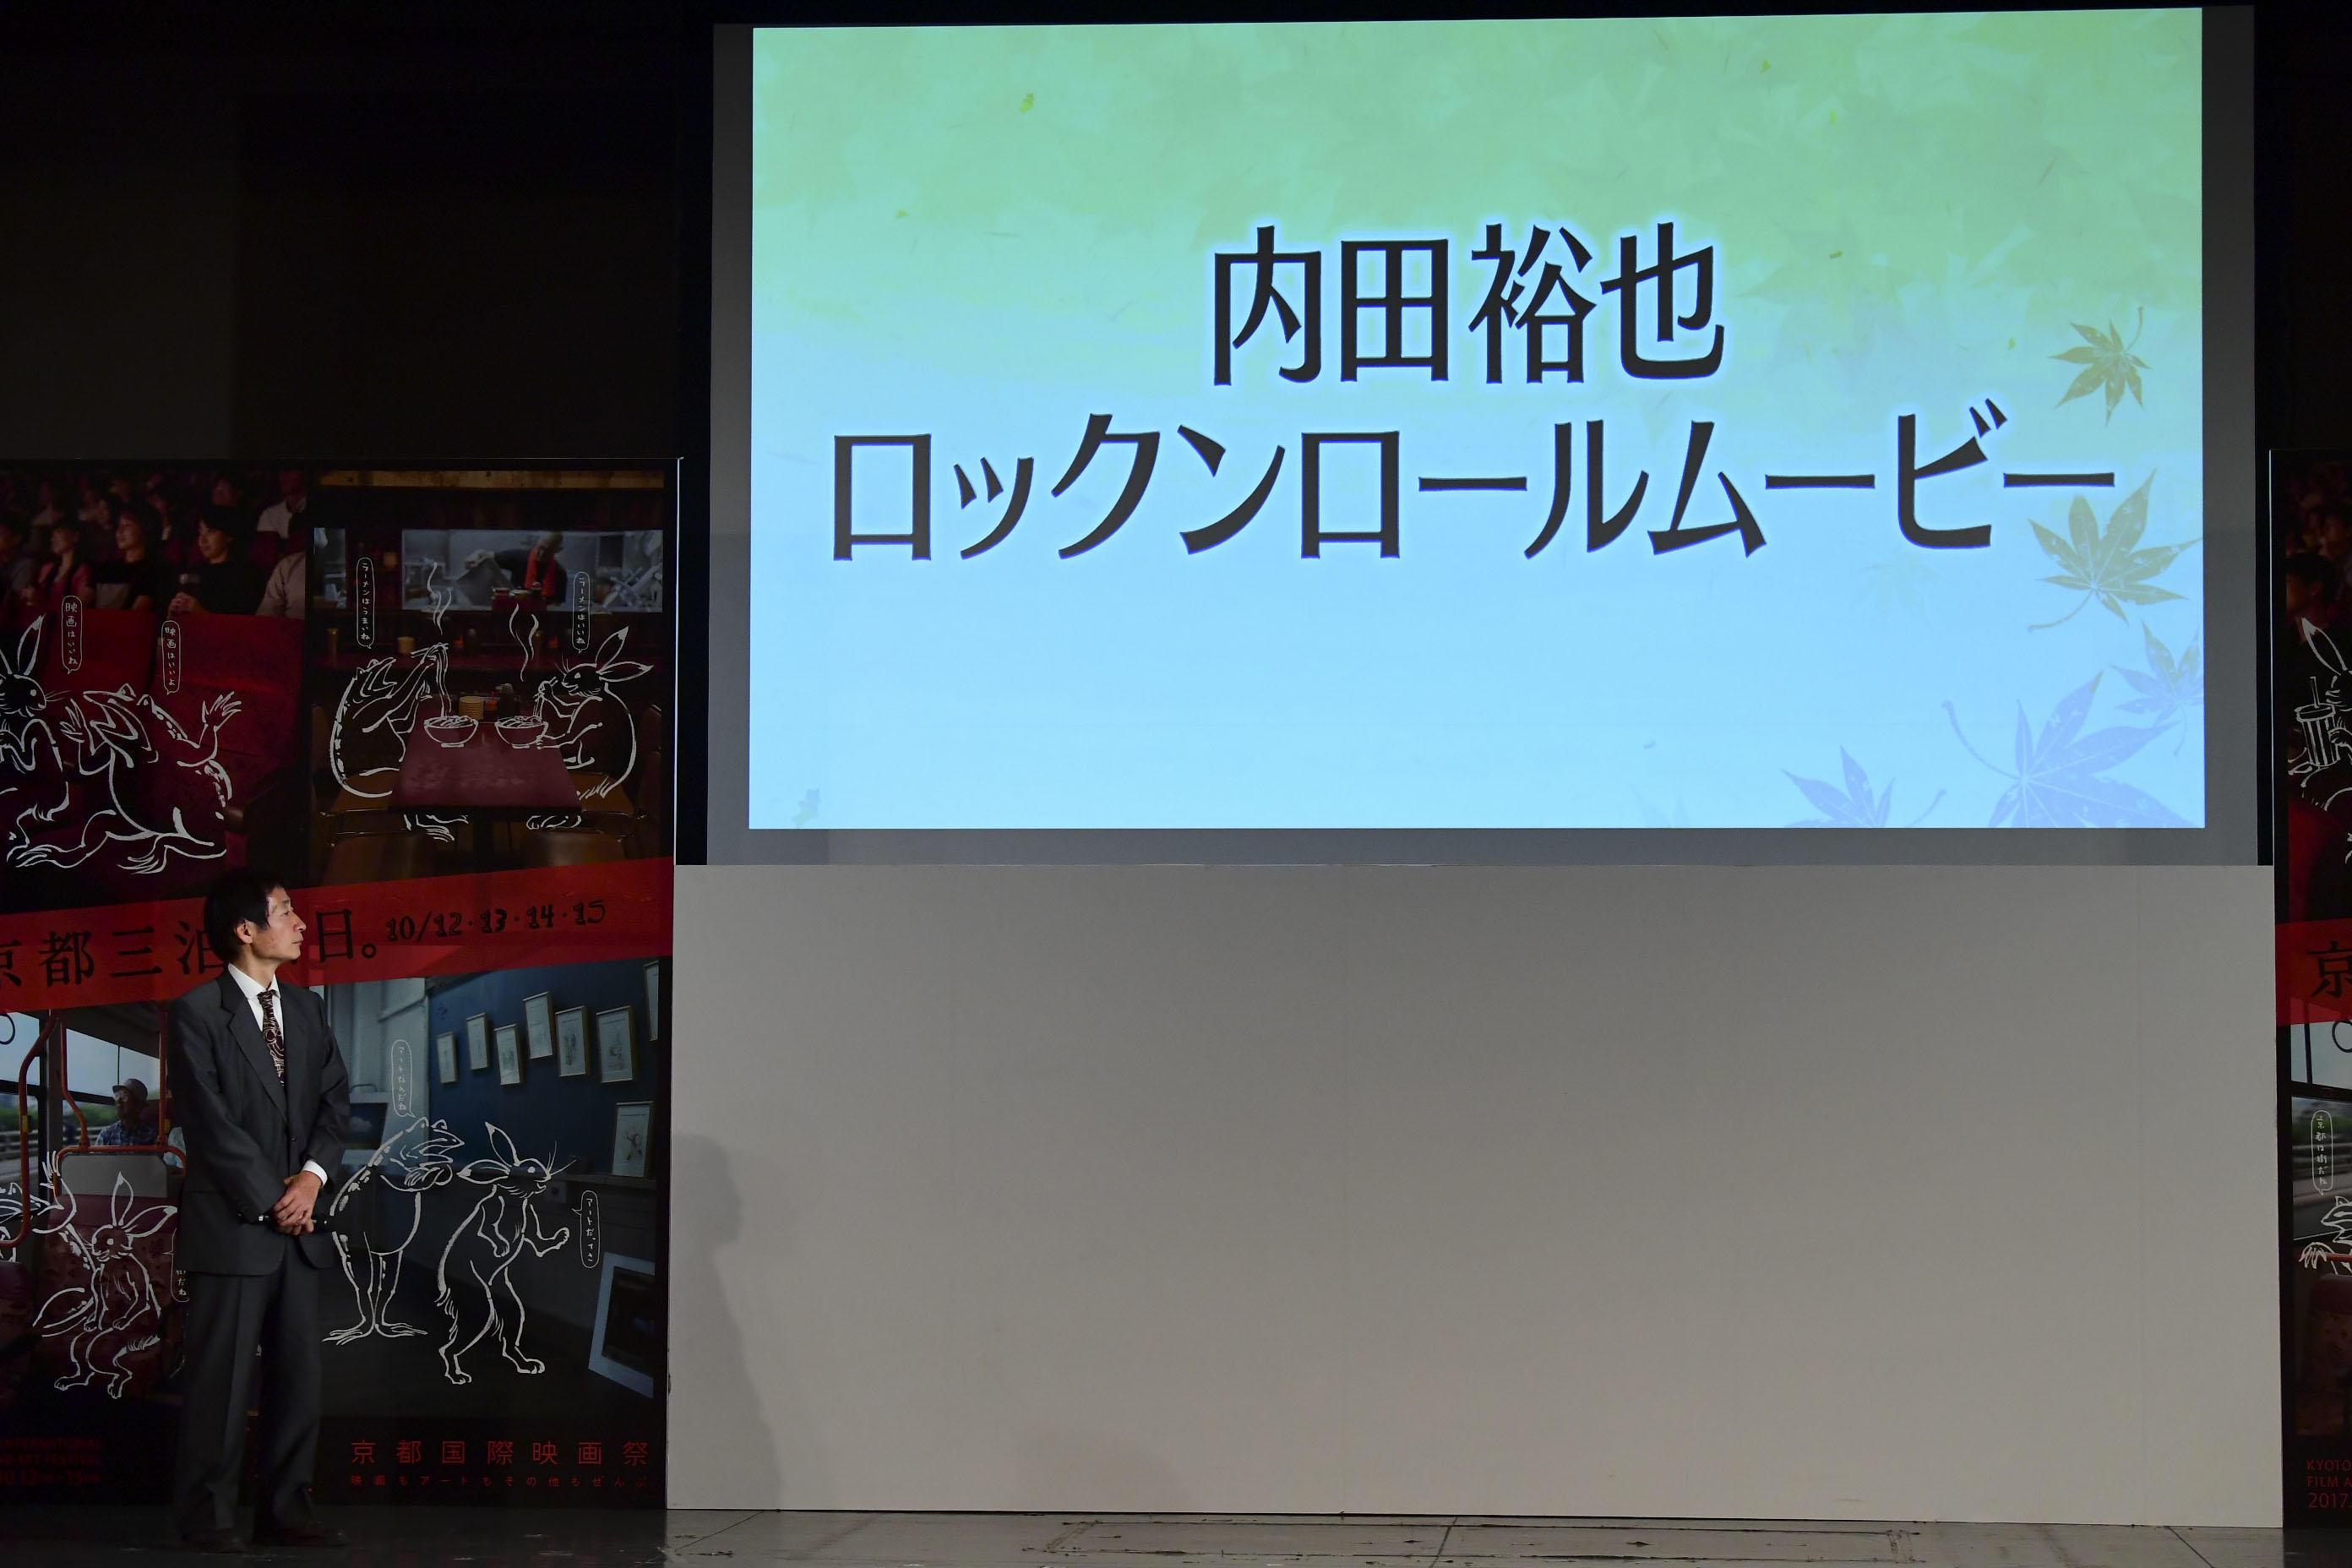 http://news.yoshimoto.co.jp/20170907003154-d47d51778ad7269613298937d8cc6300ebaa313e.jpg